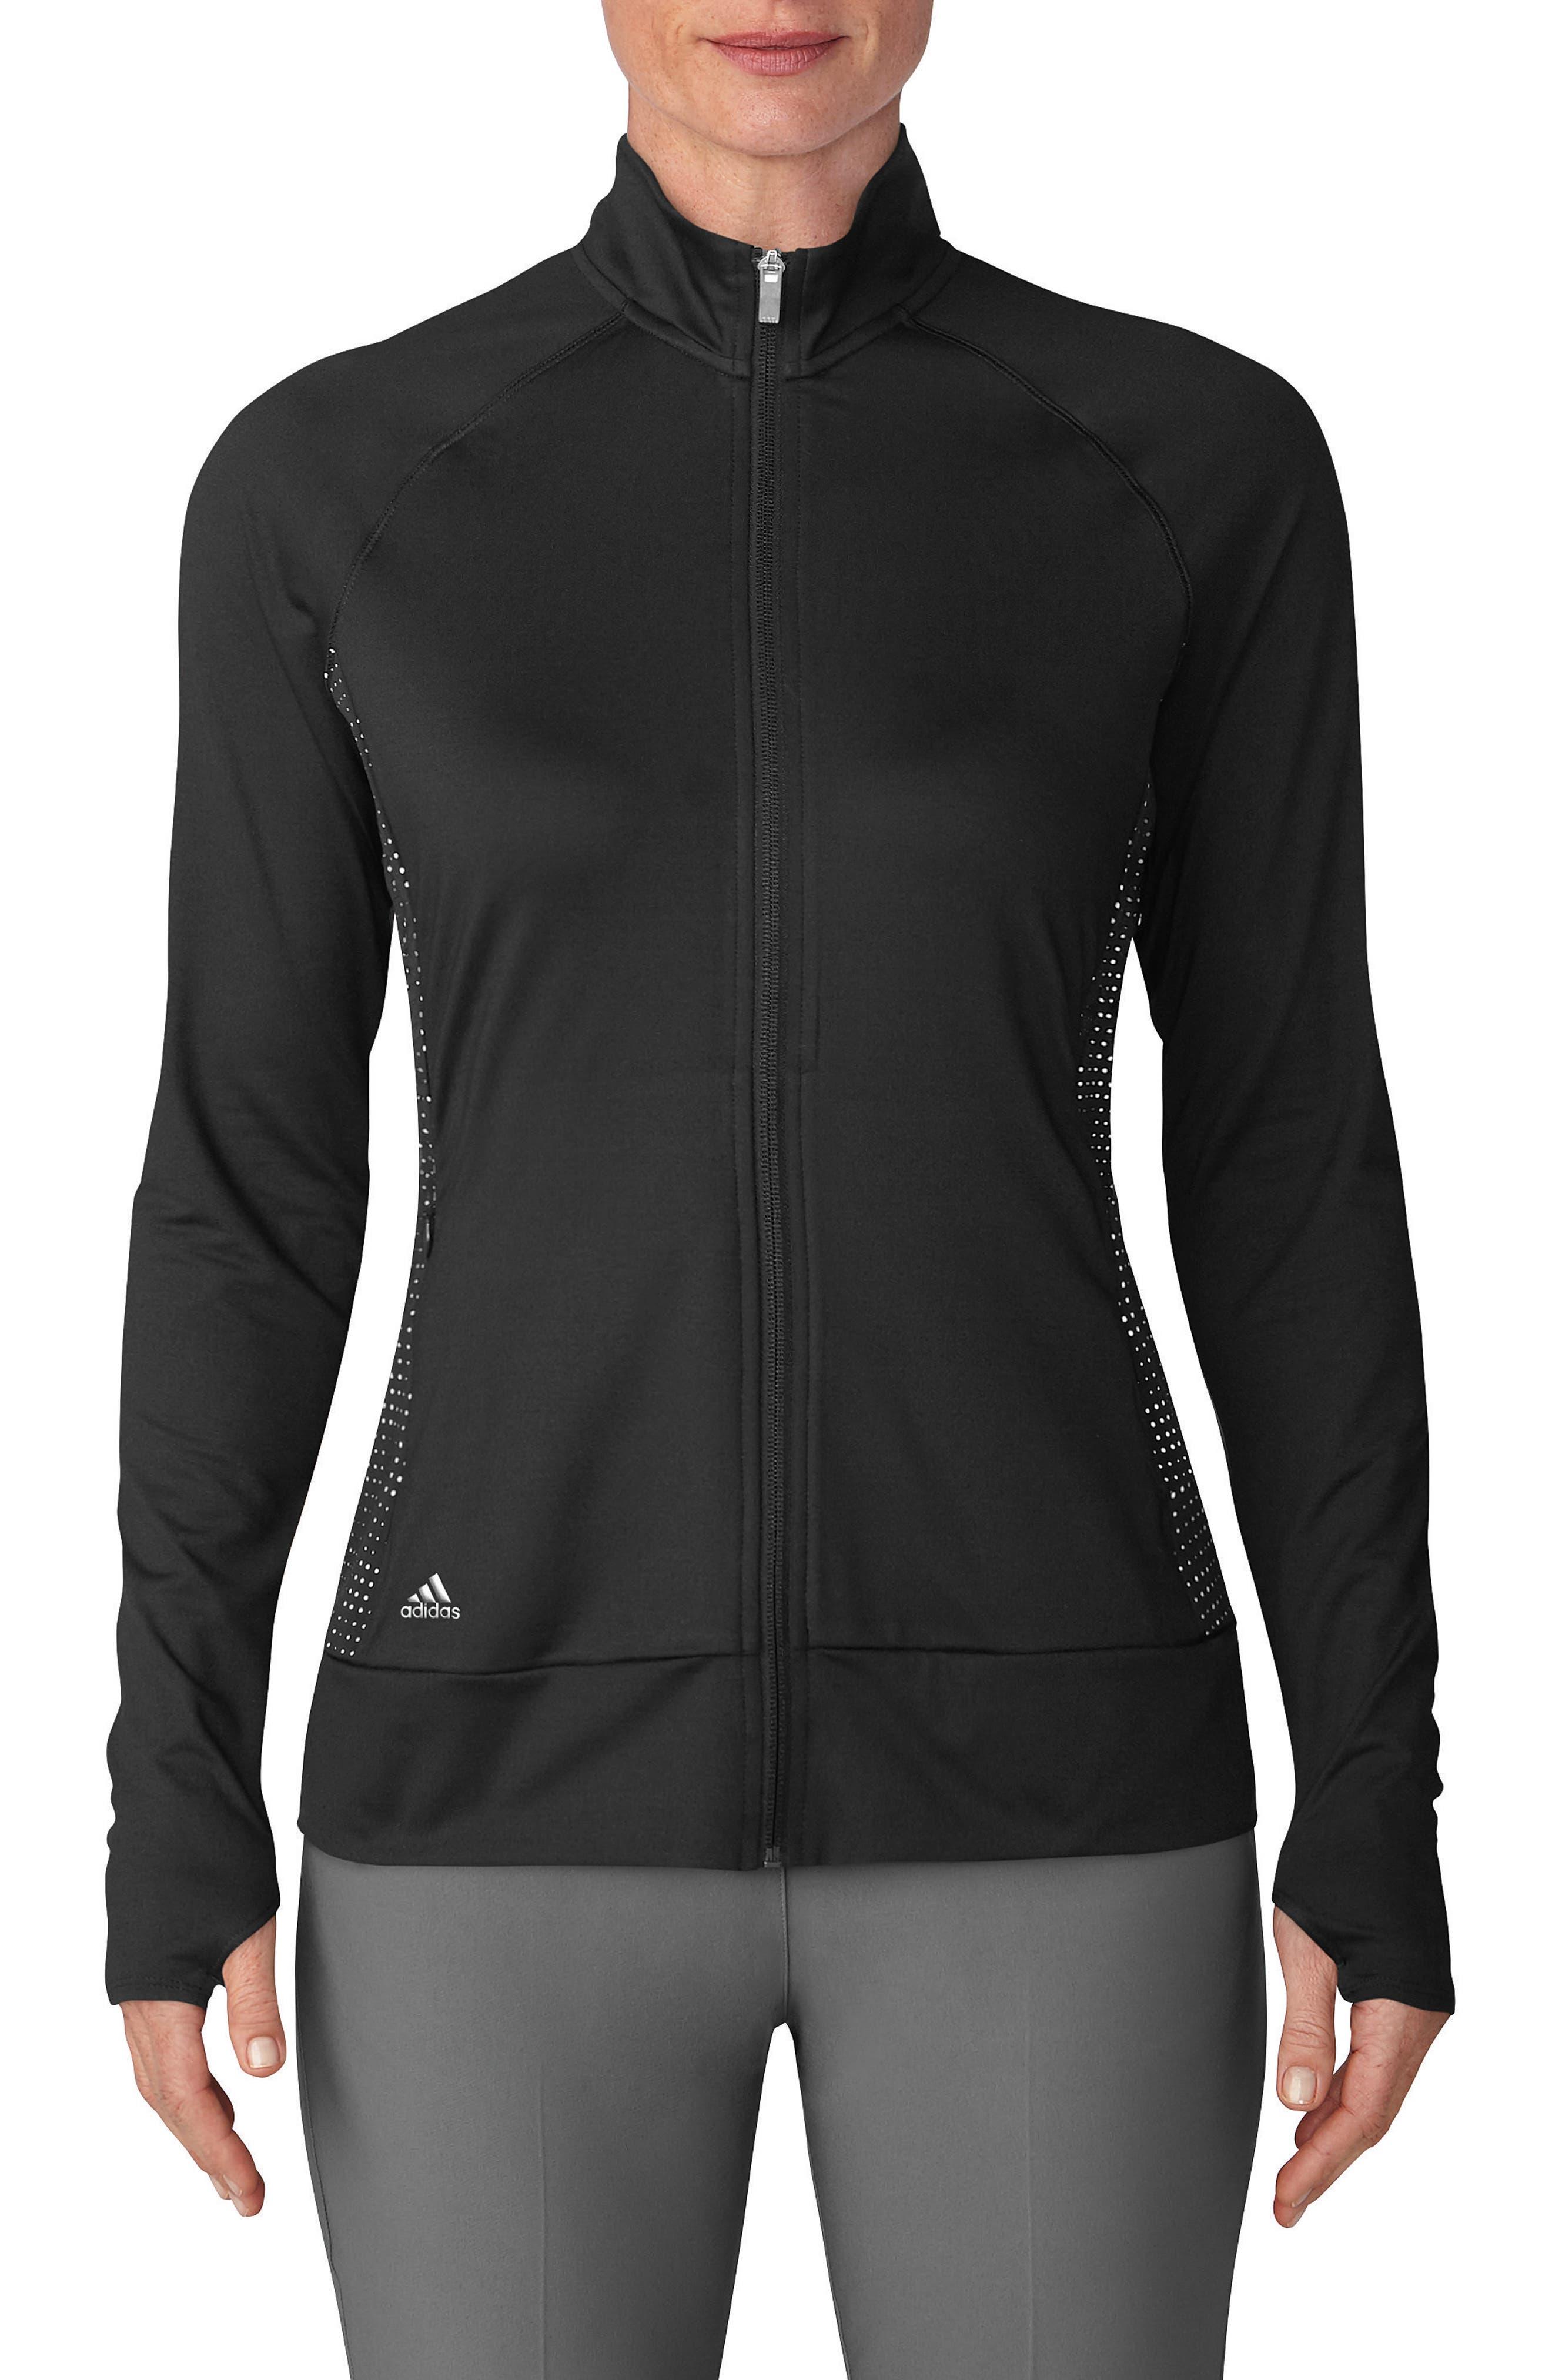 Range Wear Jacket,                         Main,                         color, Black